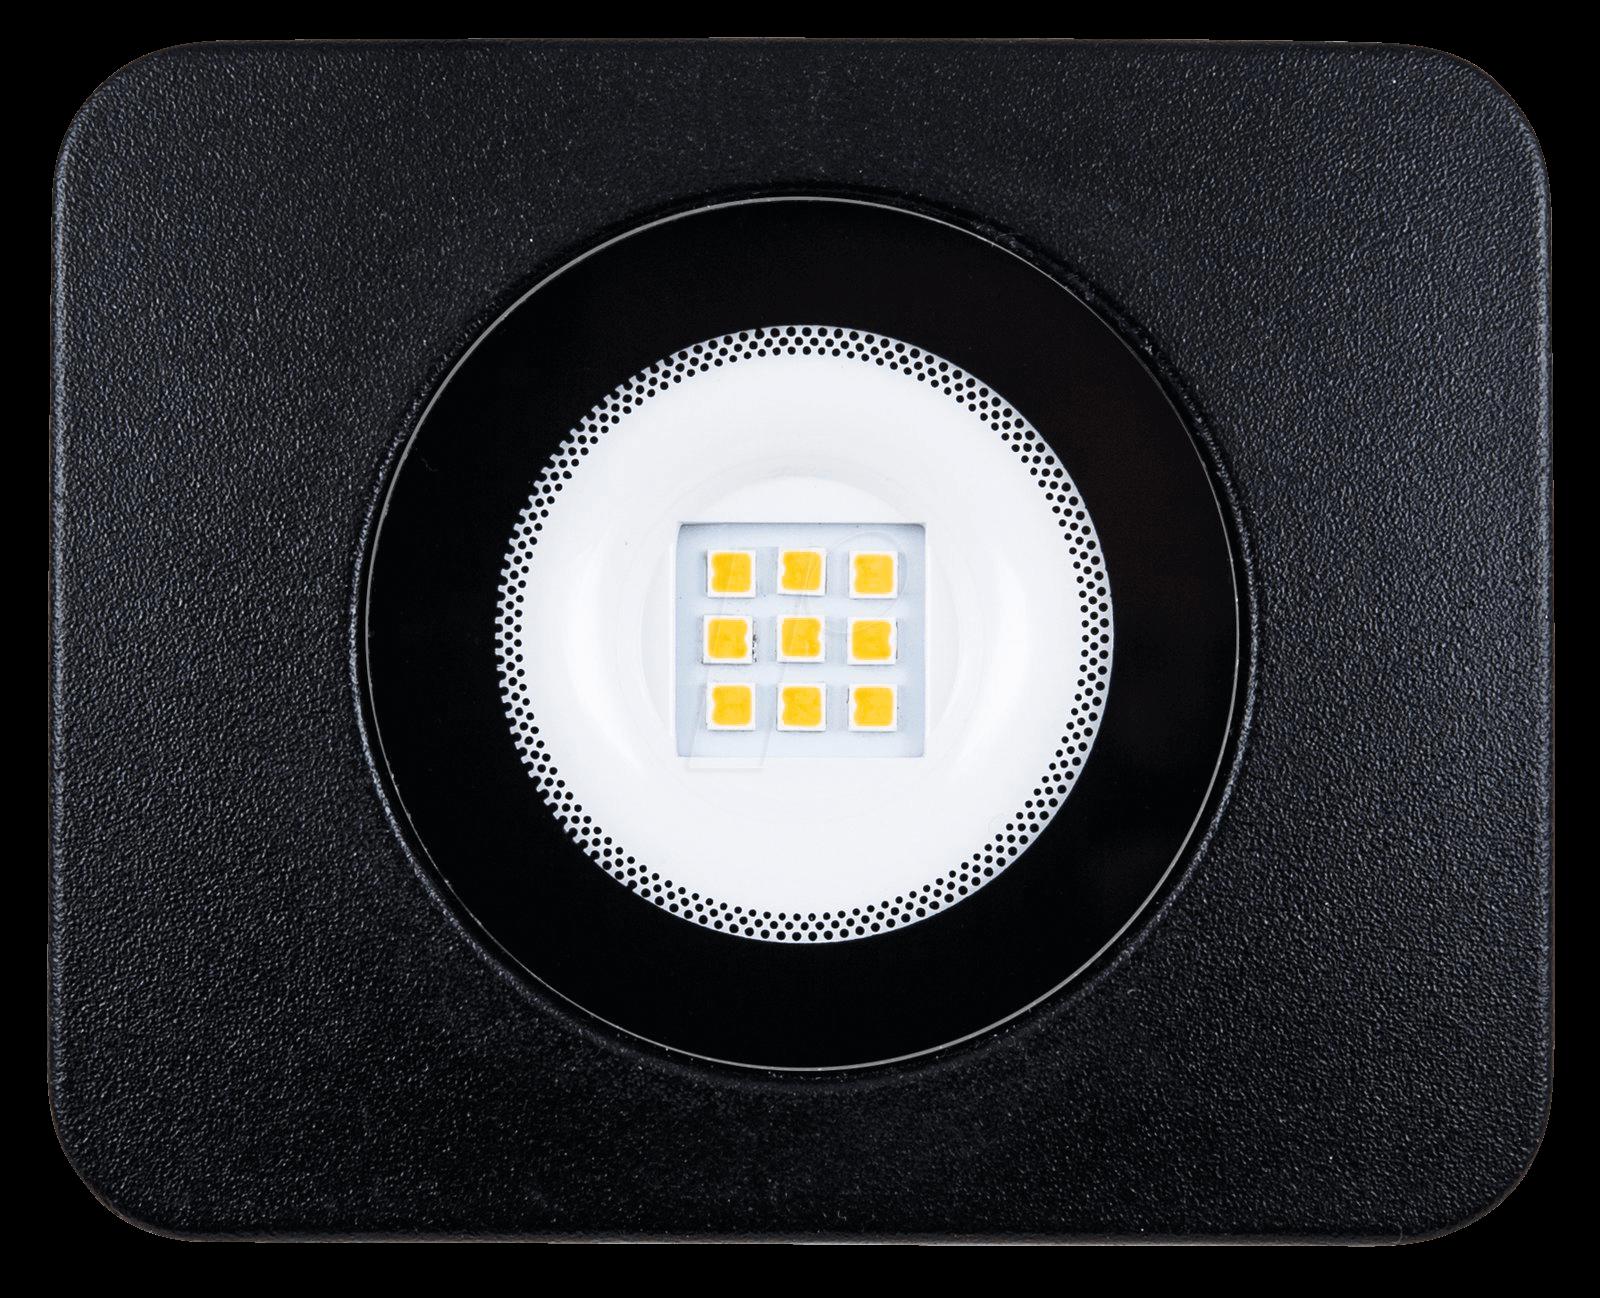 Erdspie strahler led preisvergleich die besten angebote online heit 37396 led flutlicht 10 w 800 lm 3000 k parisarafo Image collections